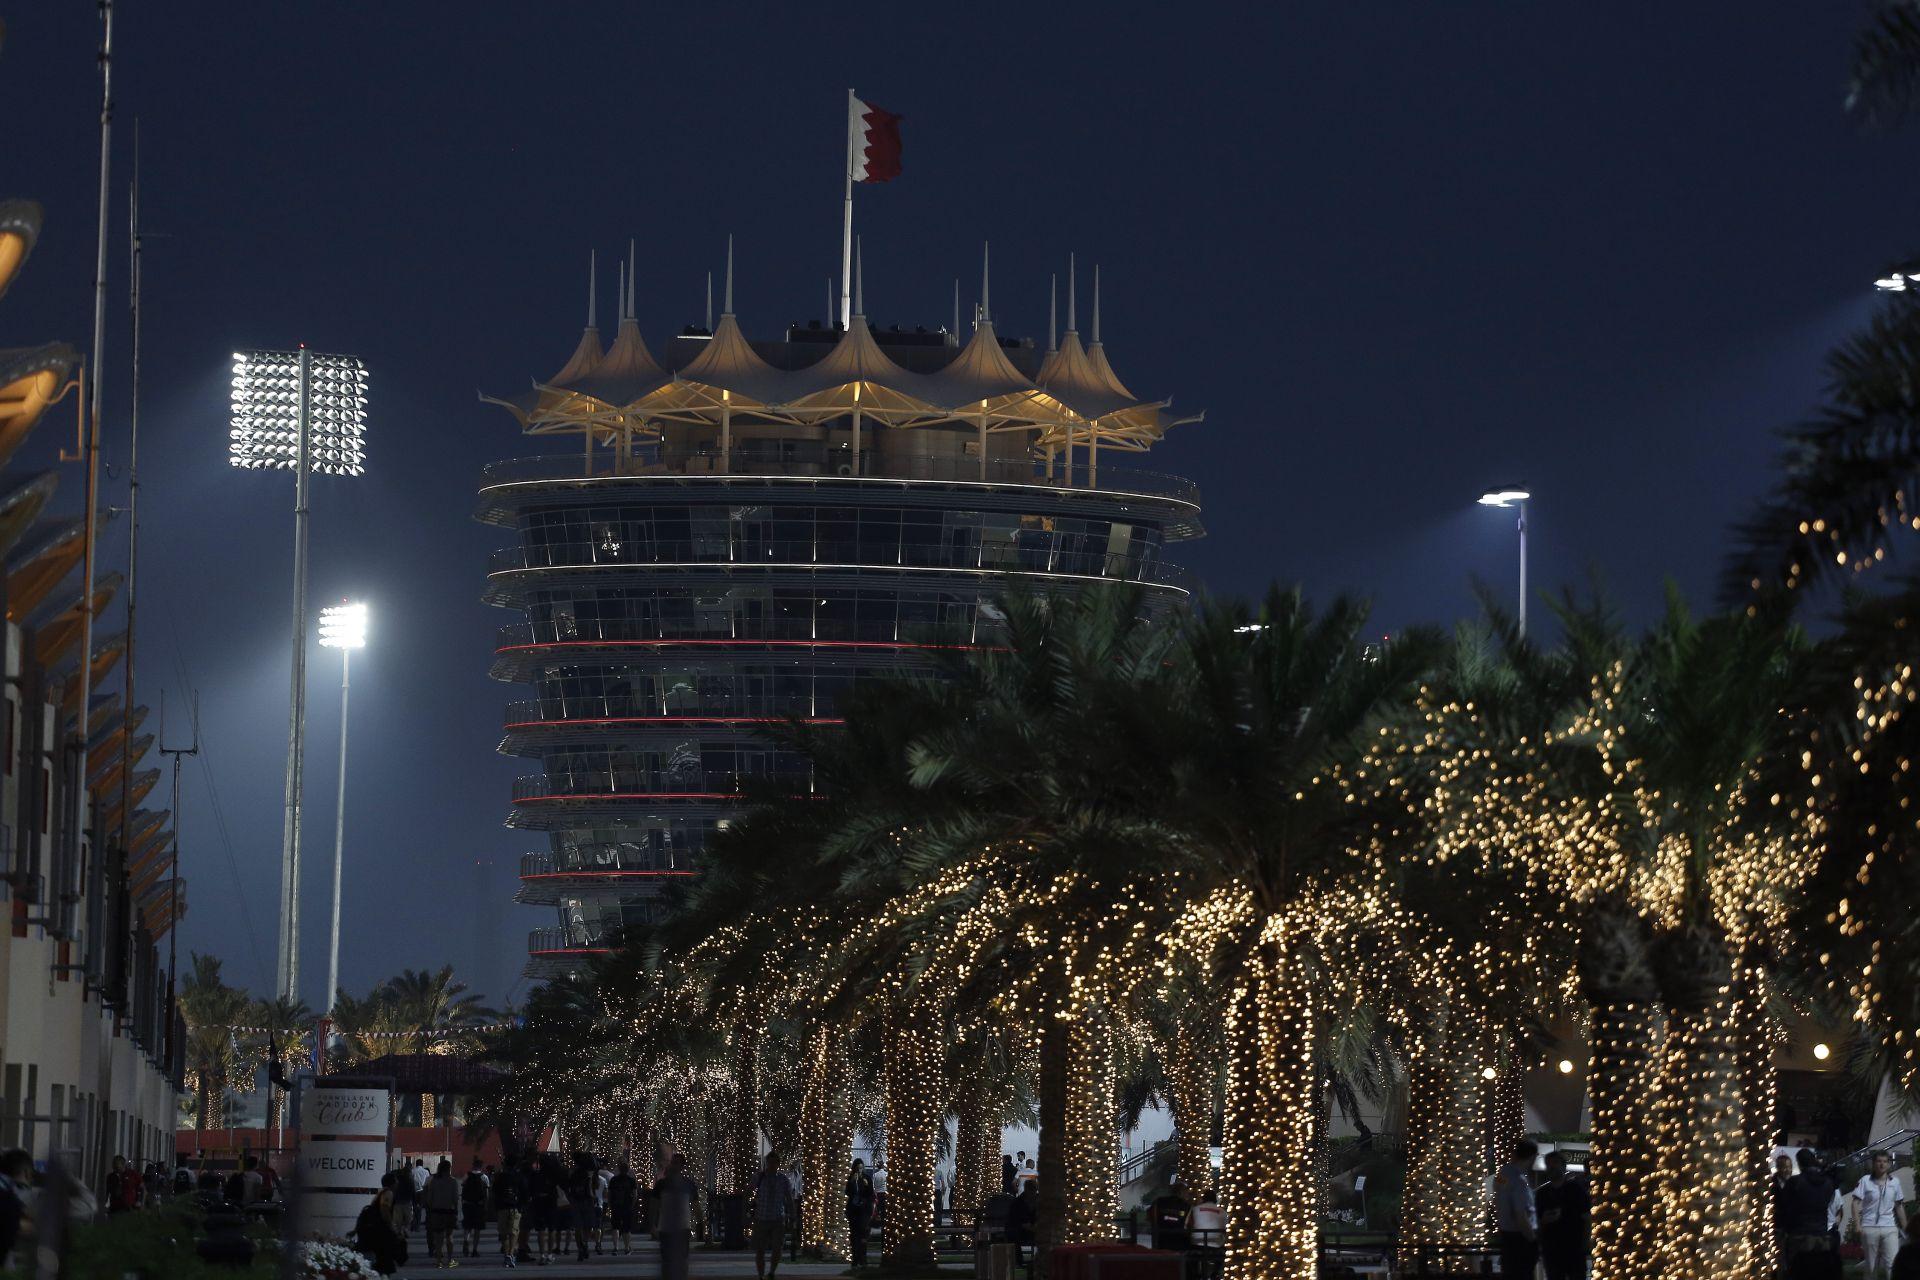 Bahreini Nagydíj 2014: Az év első villanyfényes F1-es versenye következik